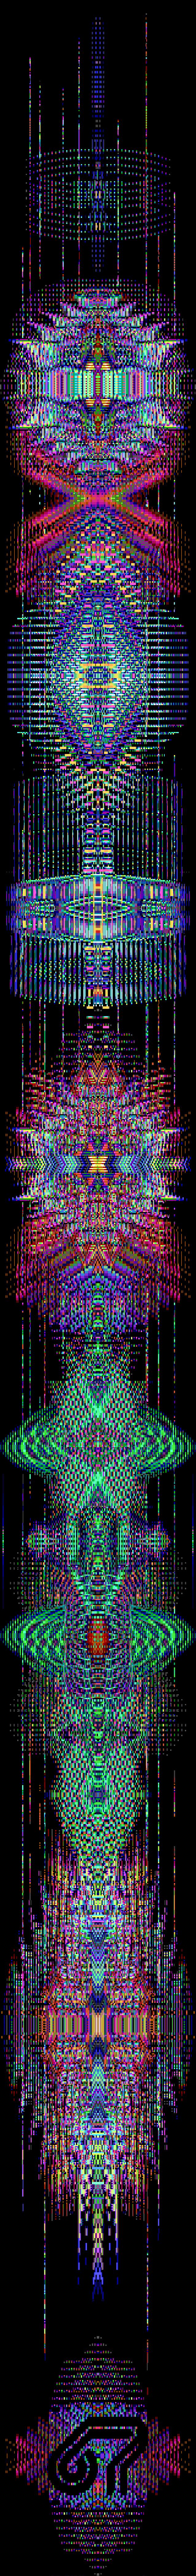 ju-rotator